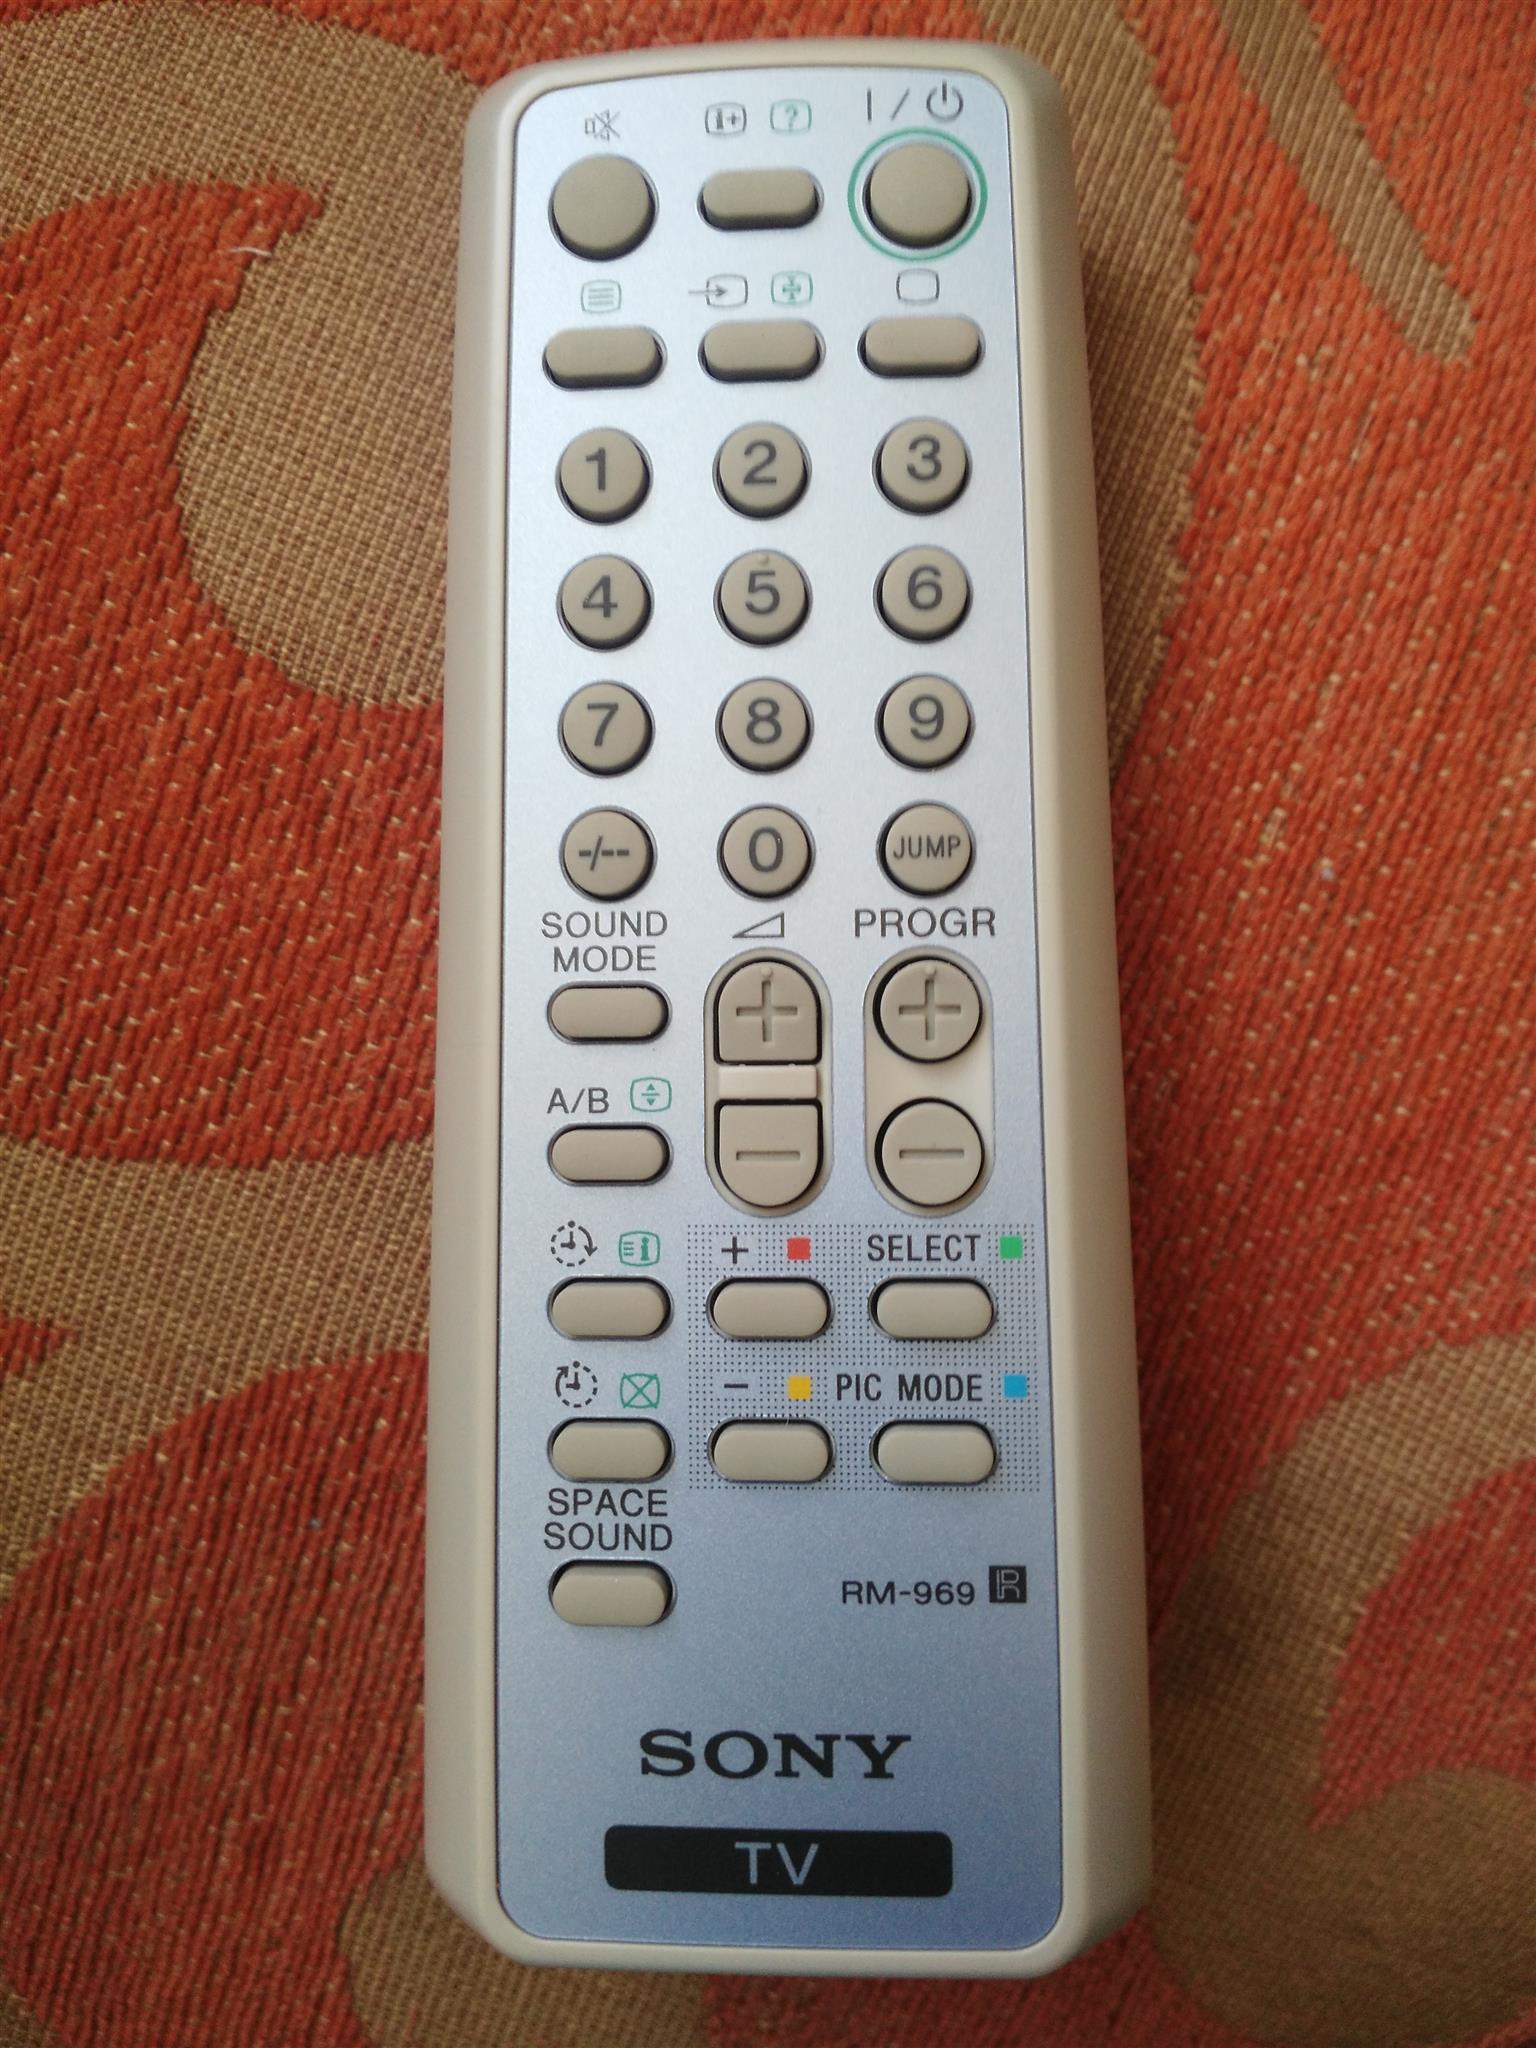 Sony Vega tv remote